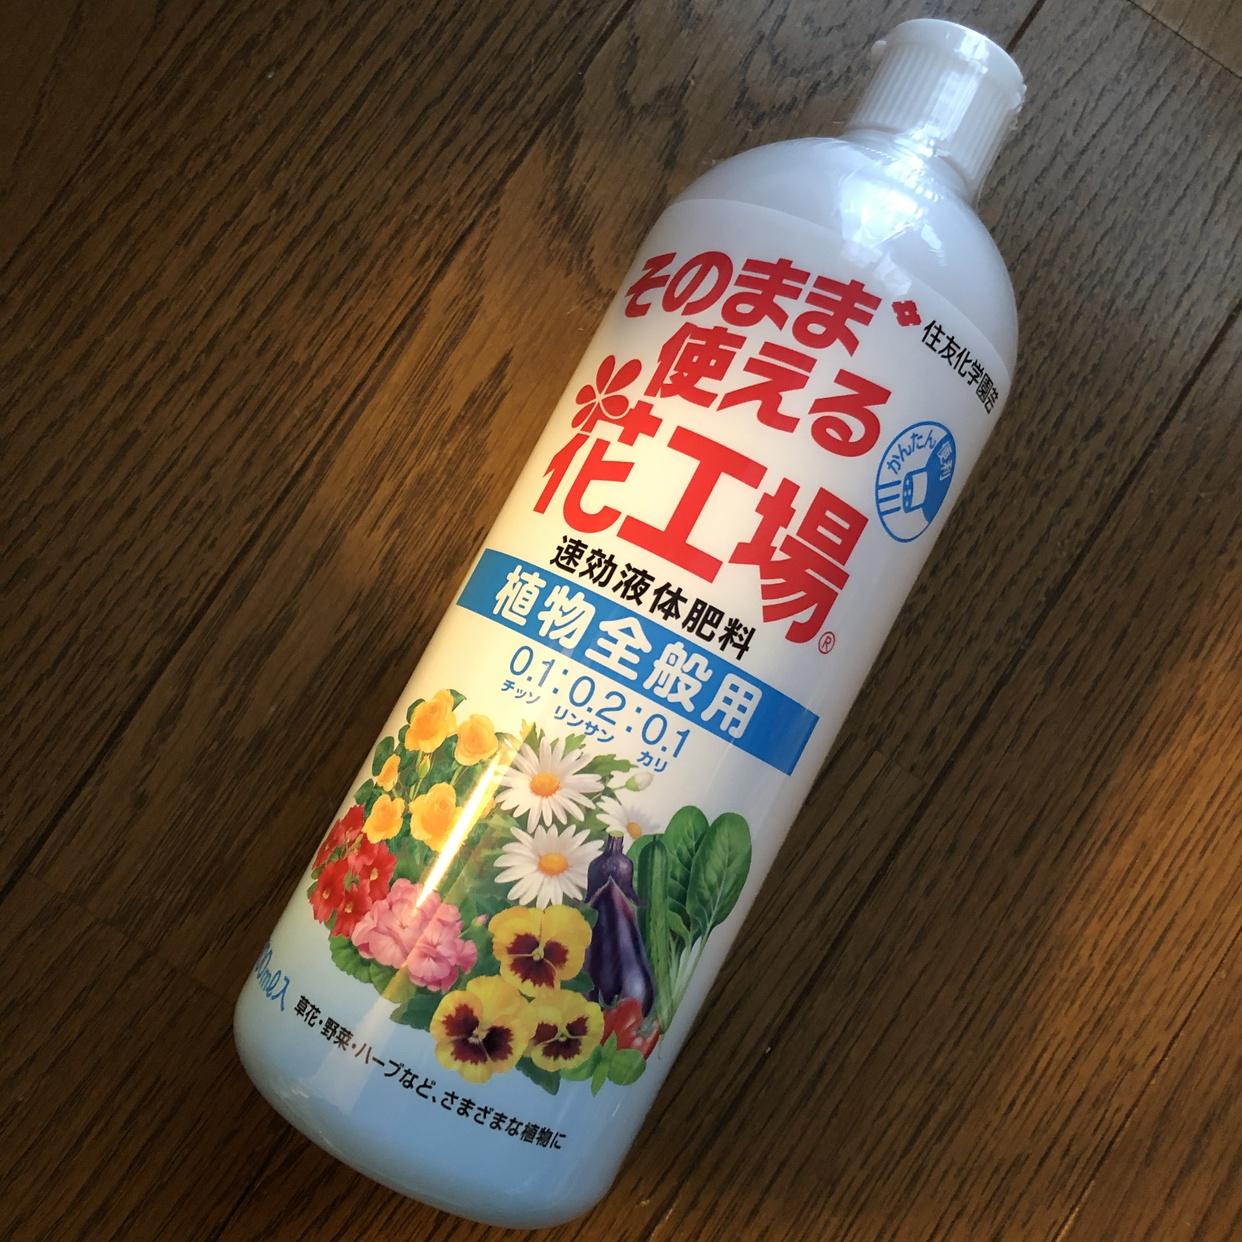 住友化学園芸 そのまま使える花工場植物全般用を使ったhappy☆fridayさんのクチコミ画像1